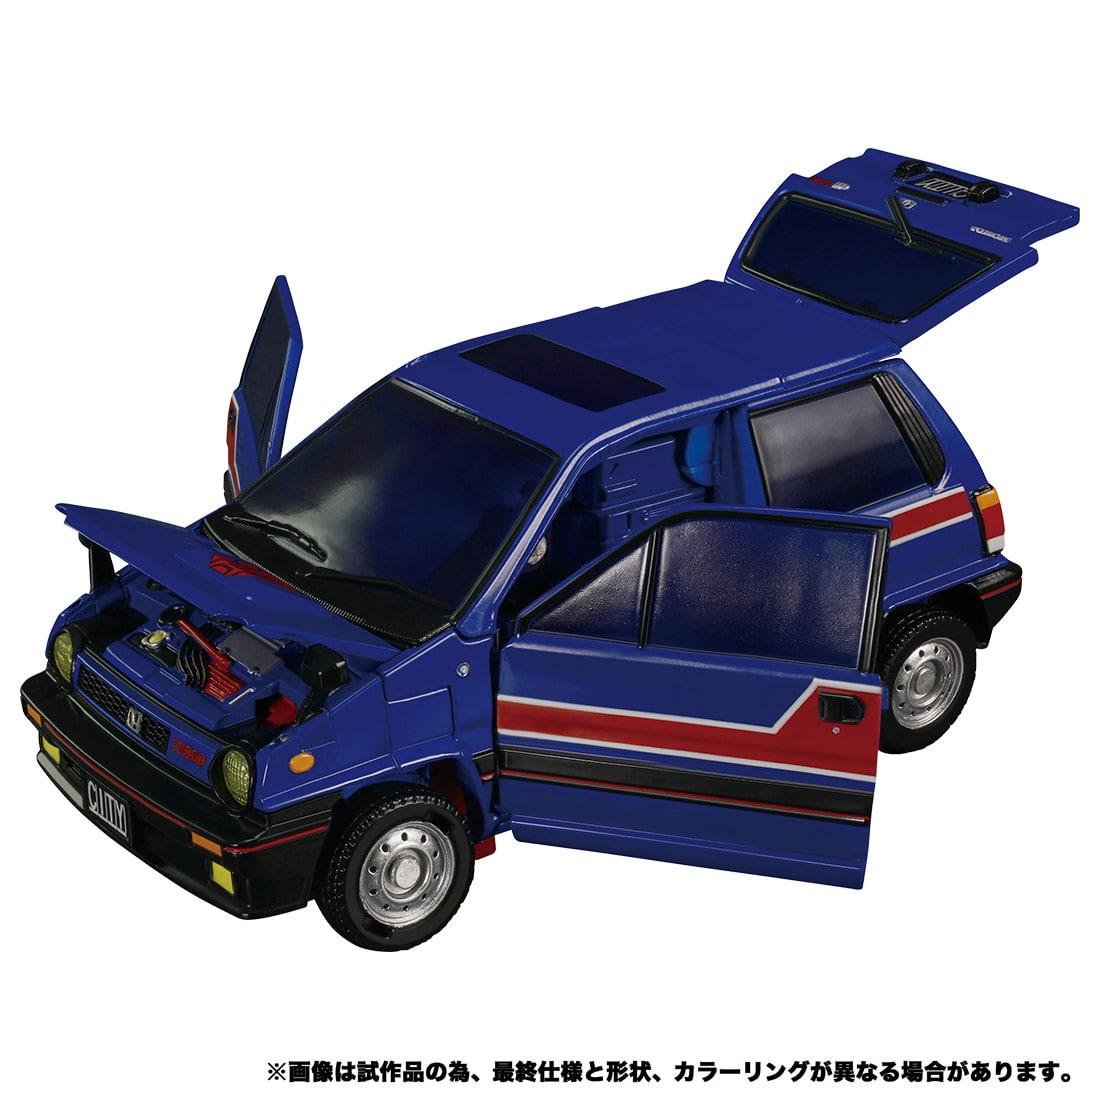 マスターピース『MP-53 スキッズ』トランスフォーマー 可変可動フィギュア-007